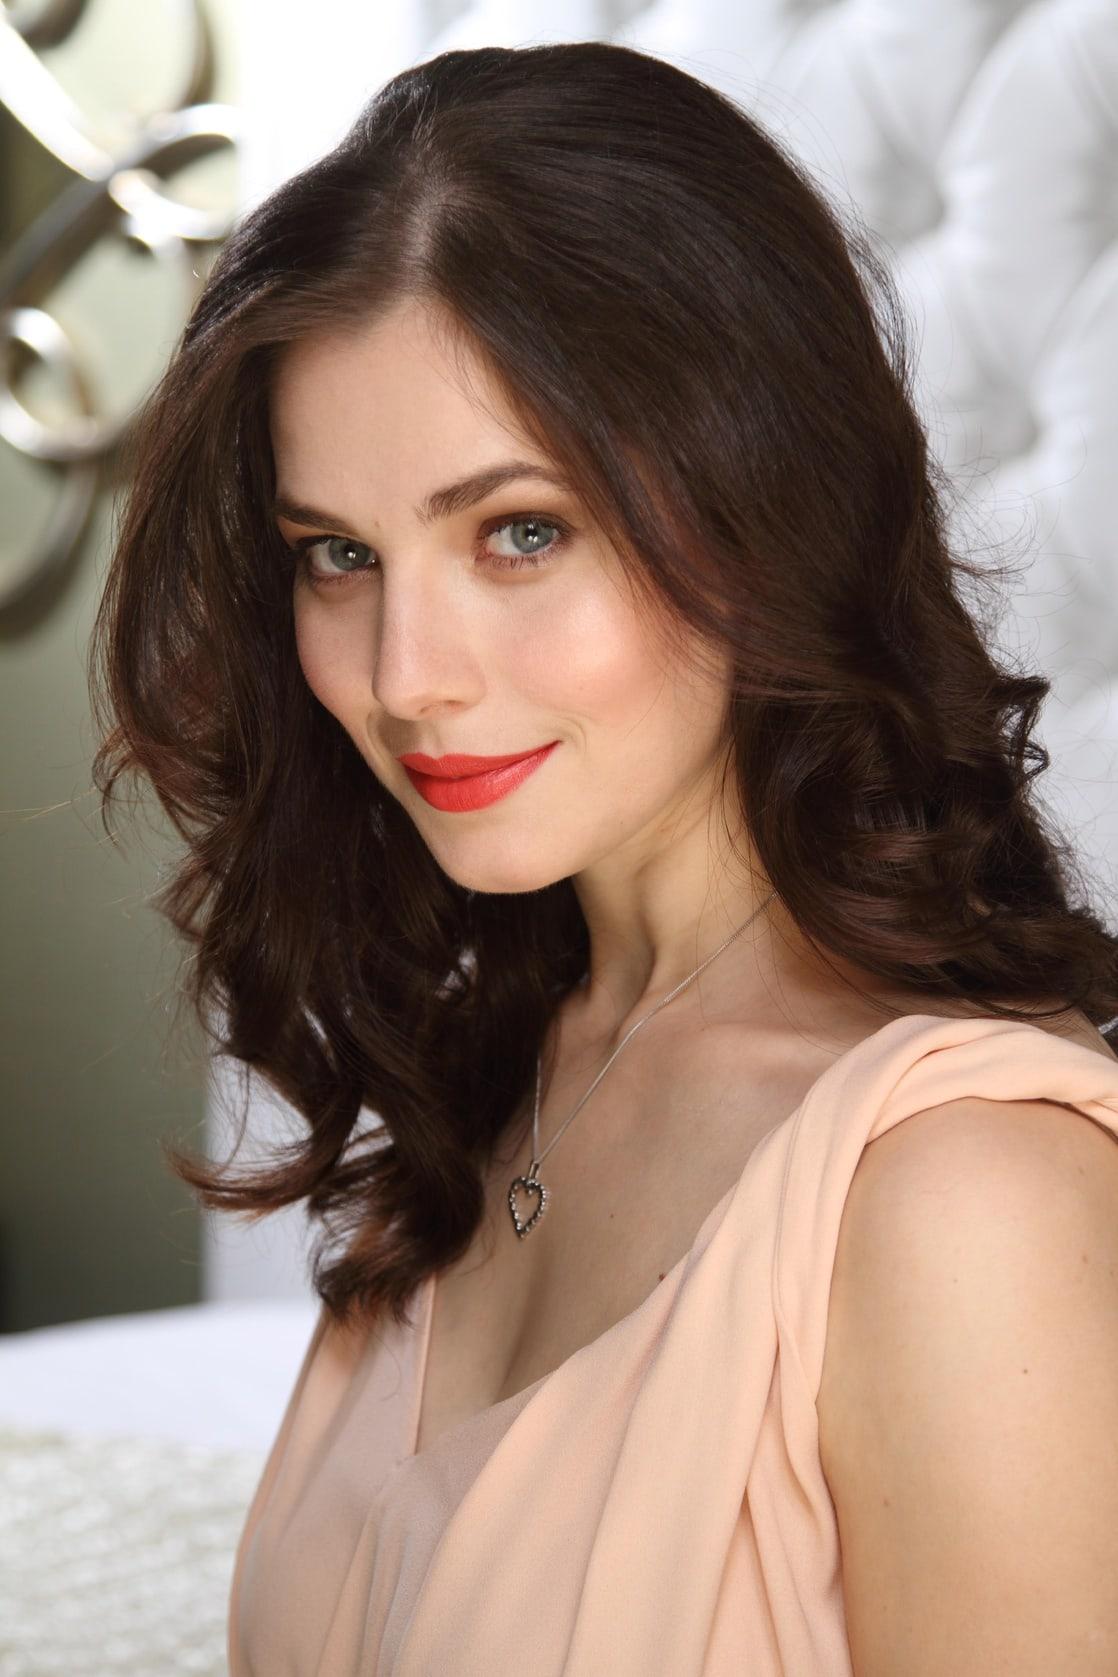 Yuliya Snigir Nude Photos 9